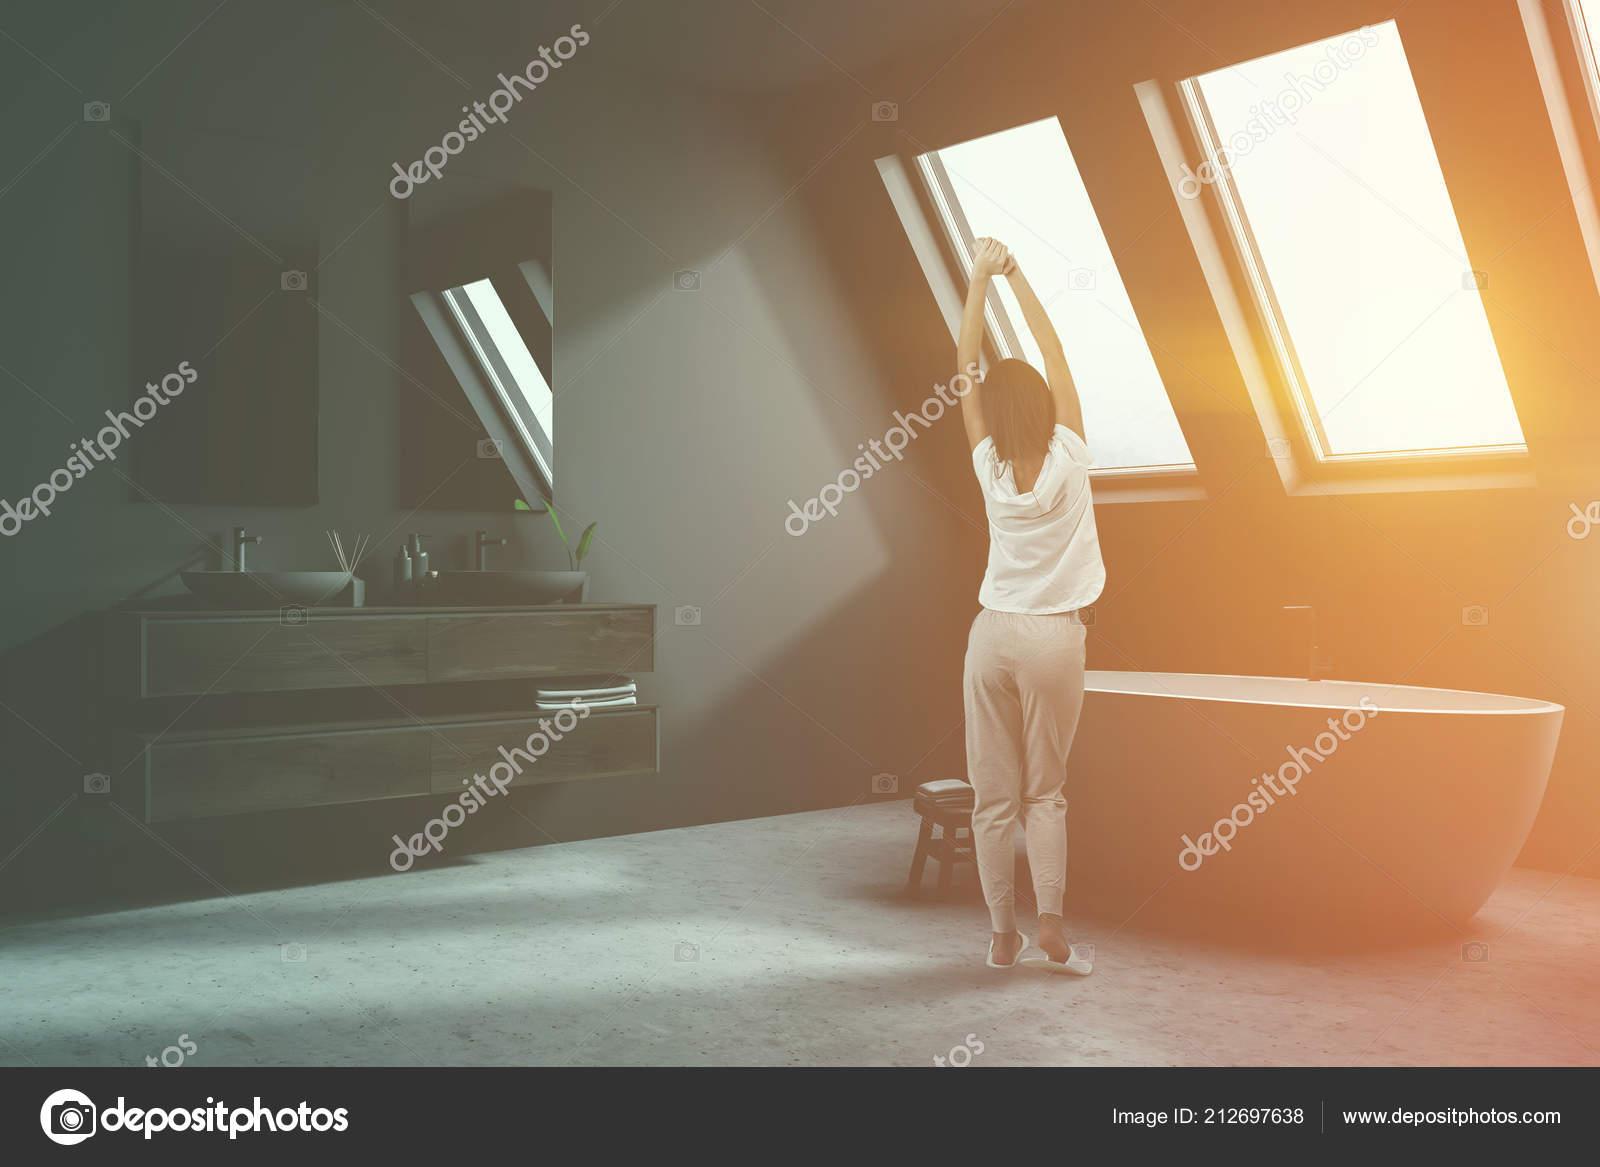 Vasca Da Lavare In Cemento : Donna bagno mansarda mattina con pavimento cemento grigio pareti